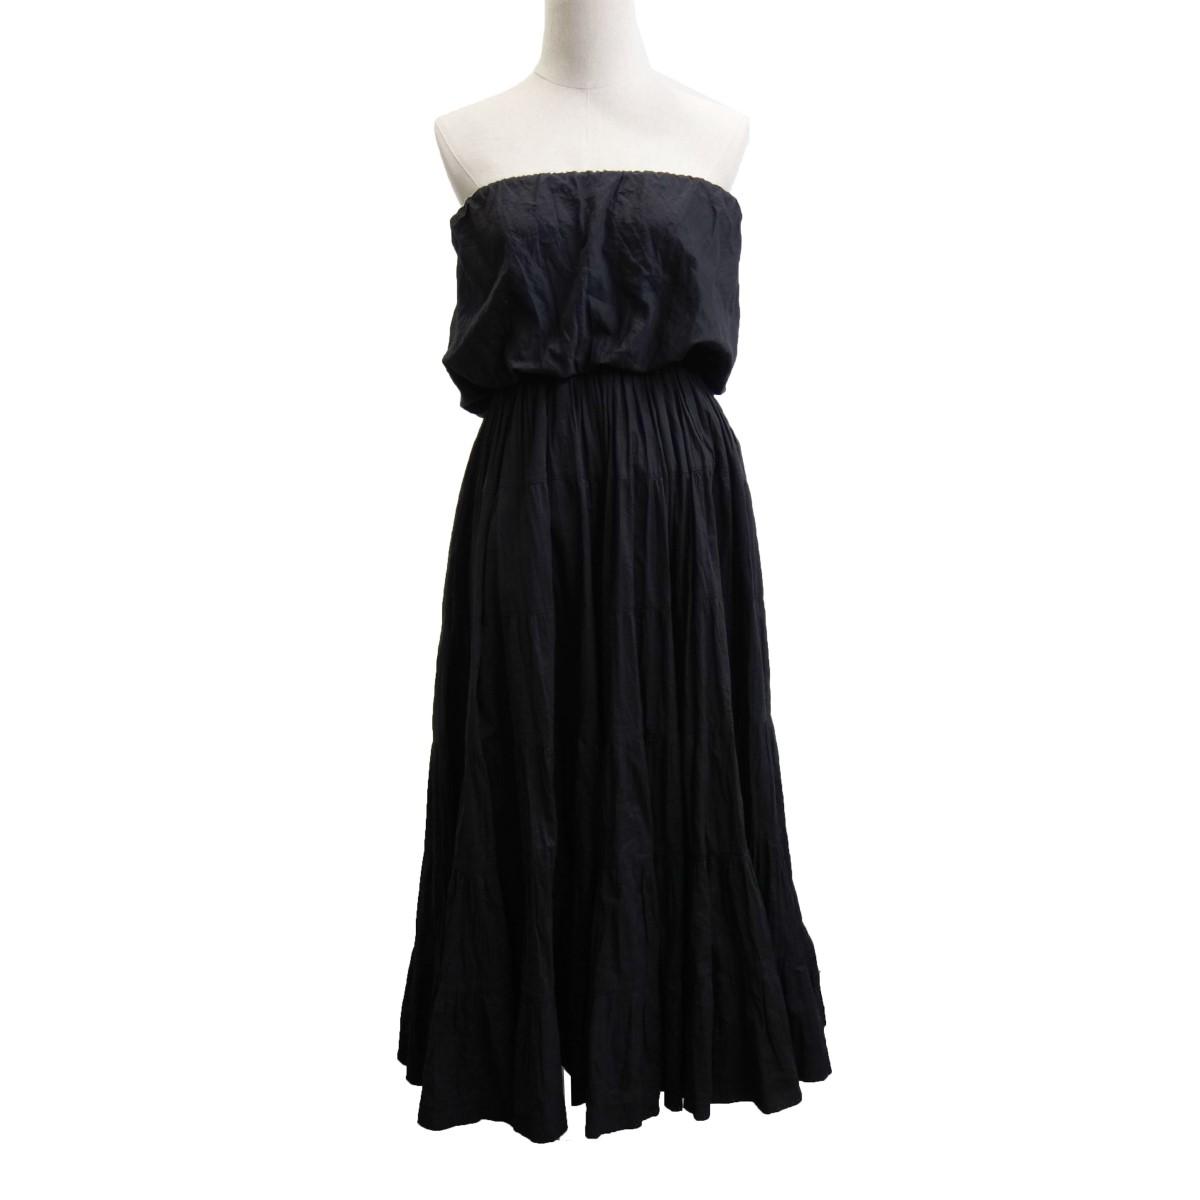 【中古】MARIHA 「草原の夢のドレス」 プリーツノースリーブワンピース ブラック サイズ:- 【210420】(マリハ)